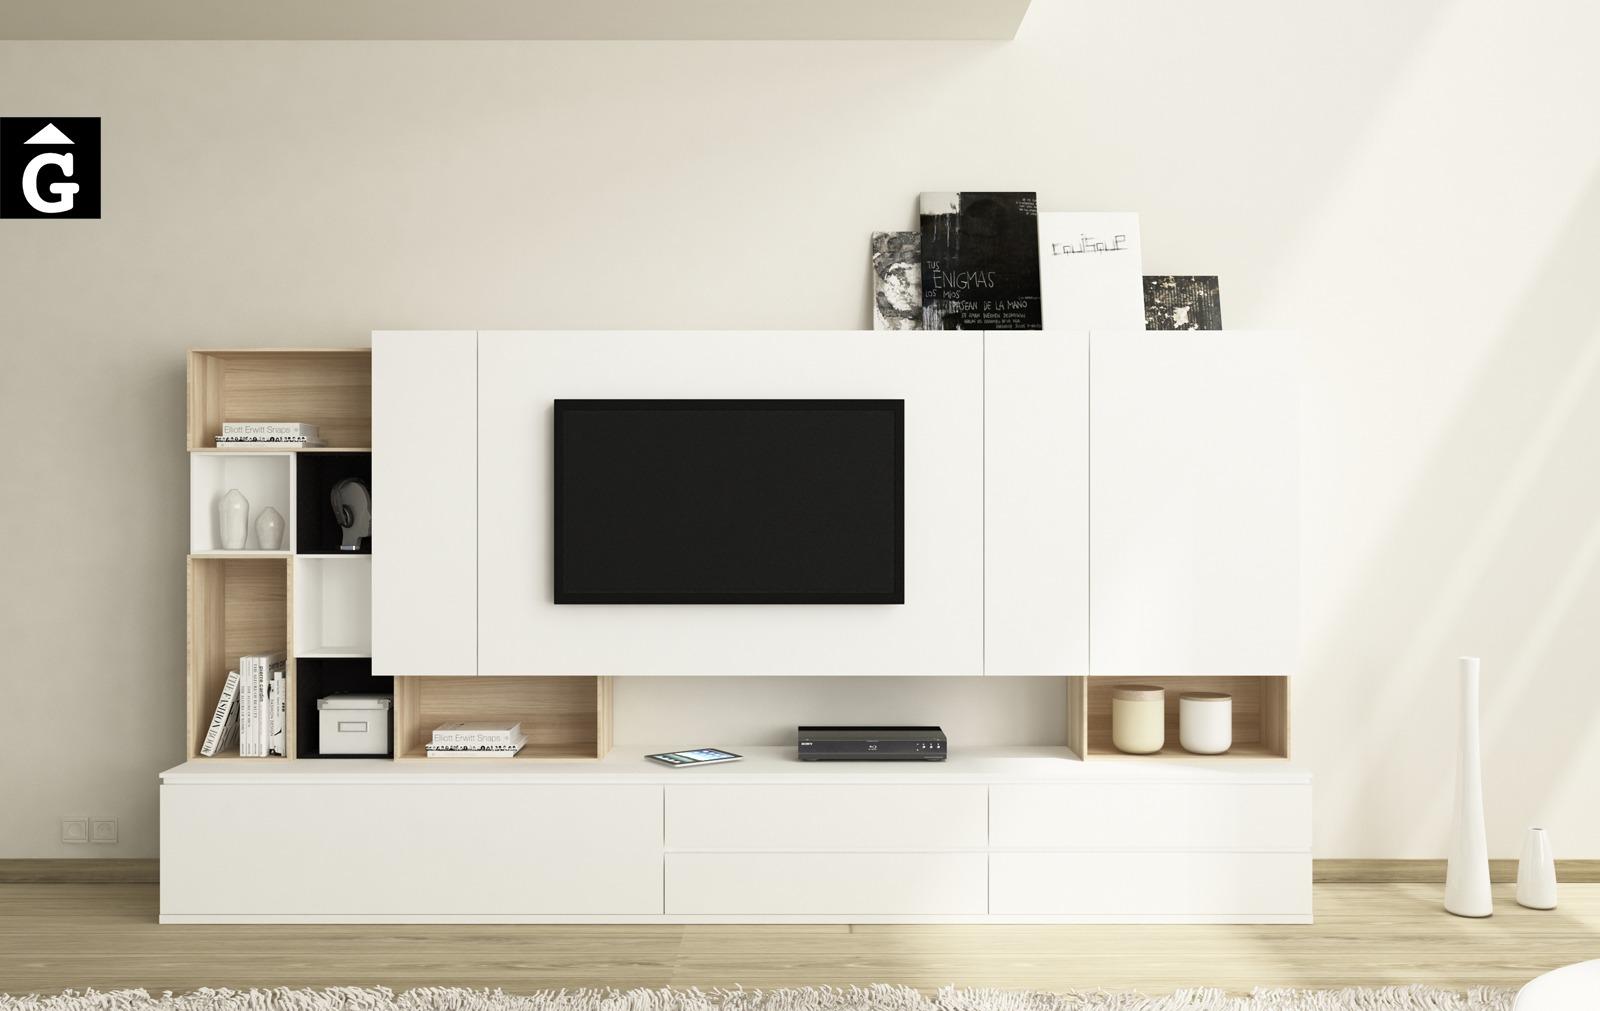 05 Area mobles Ciurans per mobles Gifreu programa modular disseny atemporal realitzat amb materials i ferratges de qualitat estil modern minimal